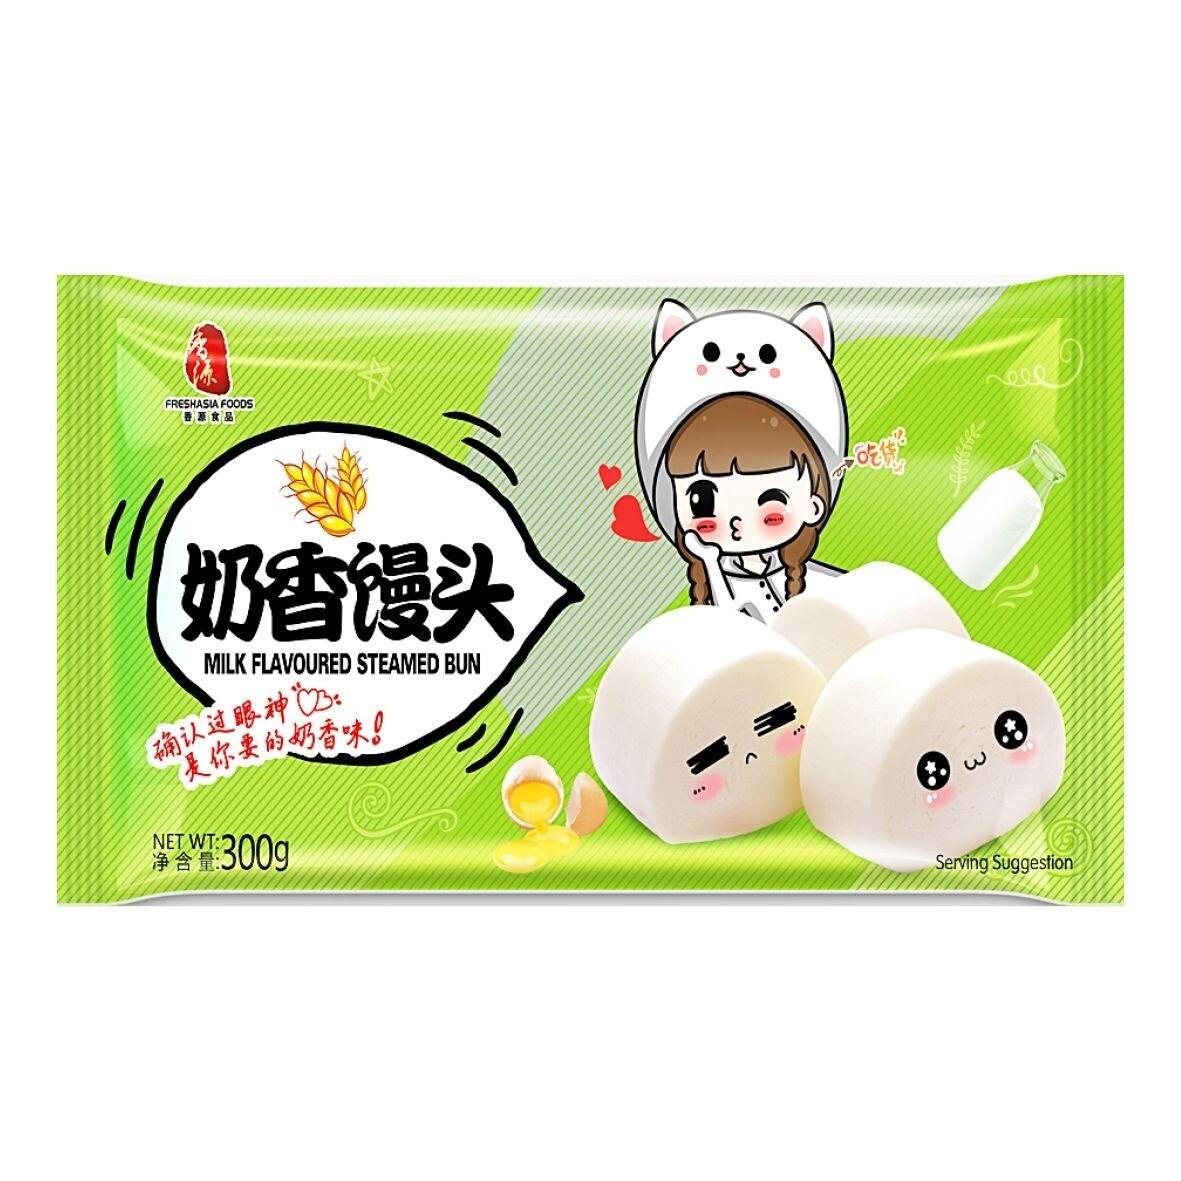 香源奶香馒头 FA Steamed Bun -Milk flavor 300g